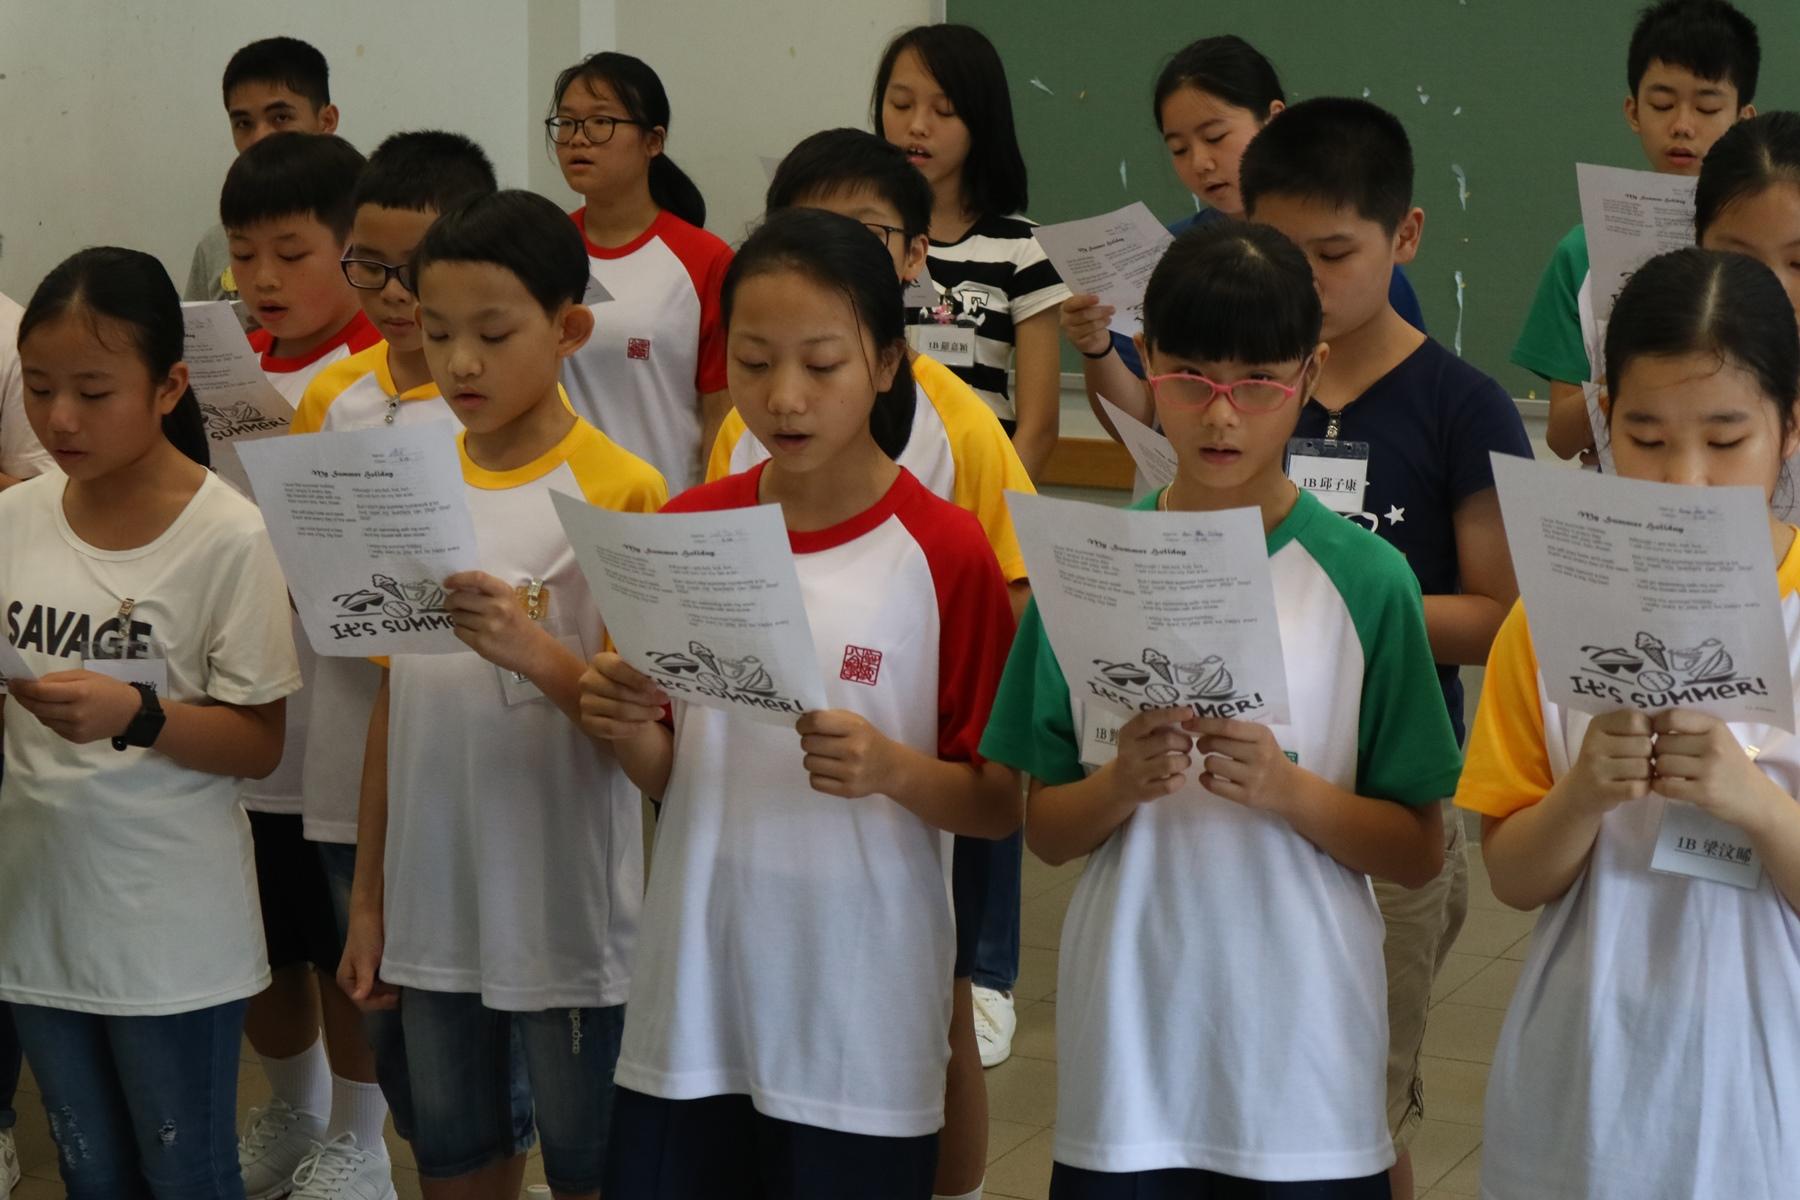 https://www.npc.edu.hk/sites/default/files/1b_zhong_ying_bing_chong_05.jpg